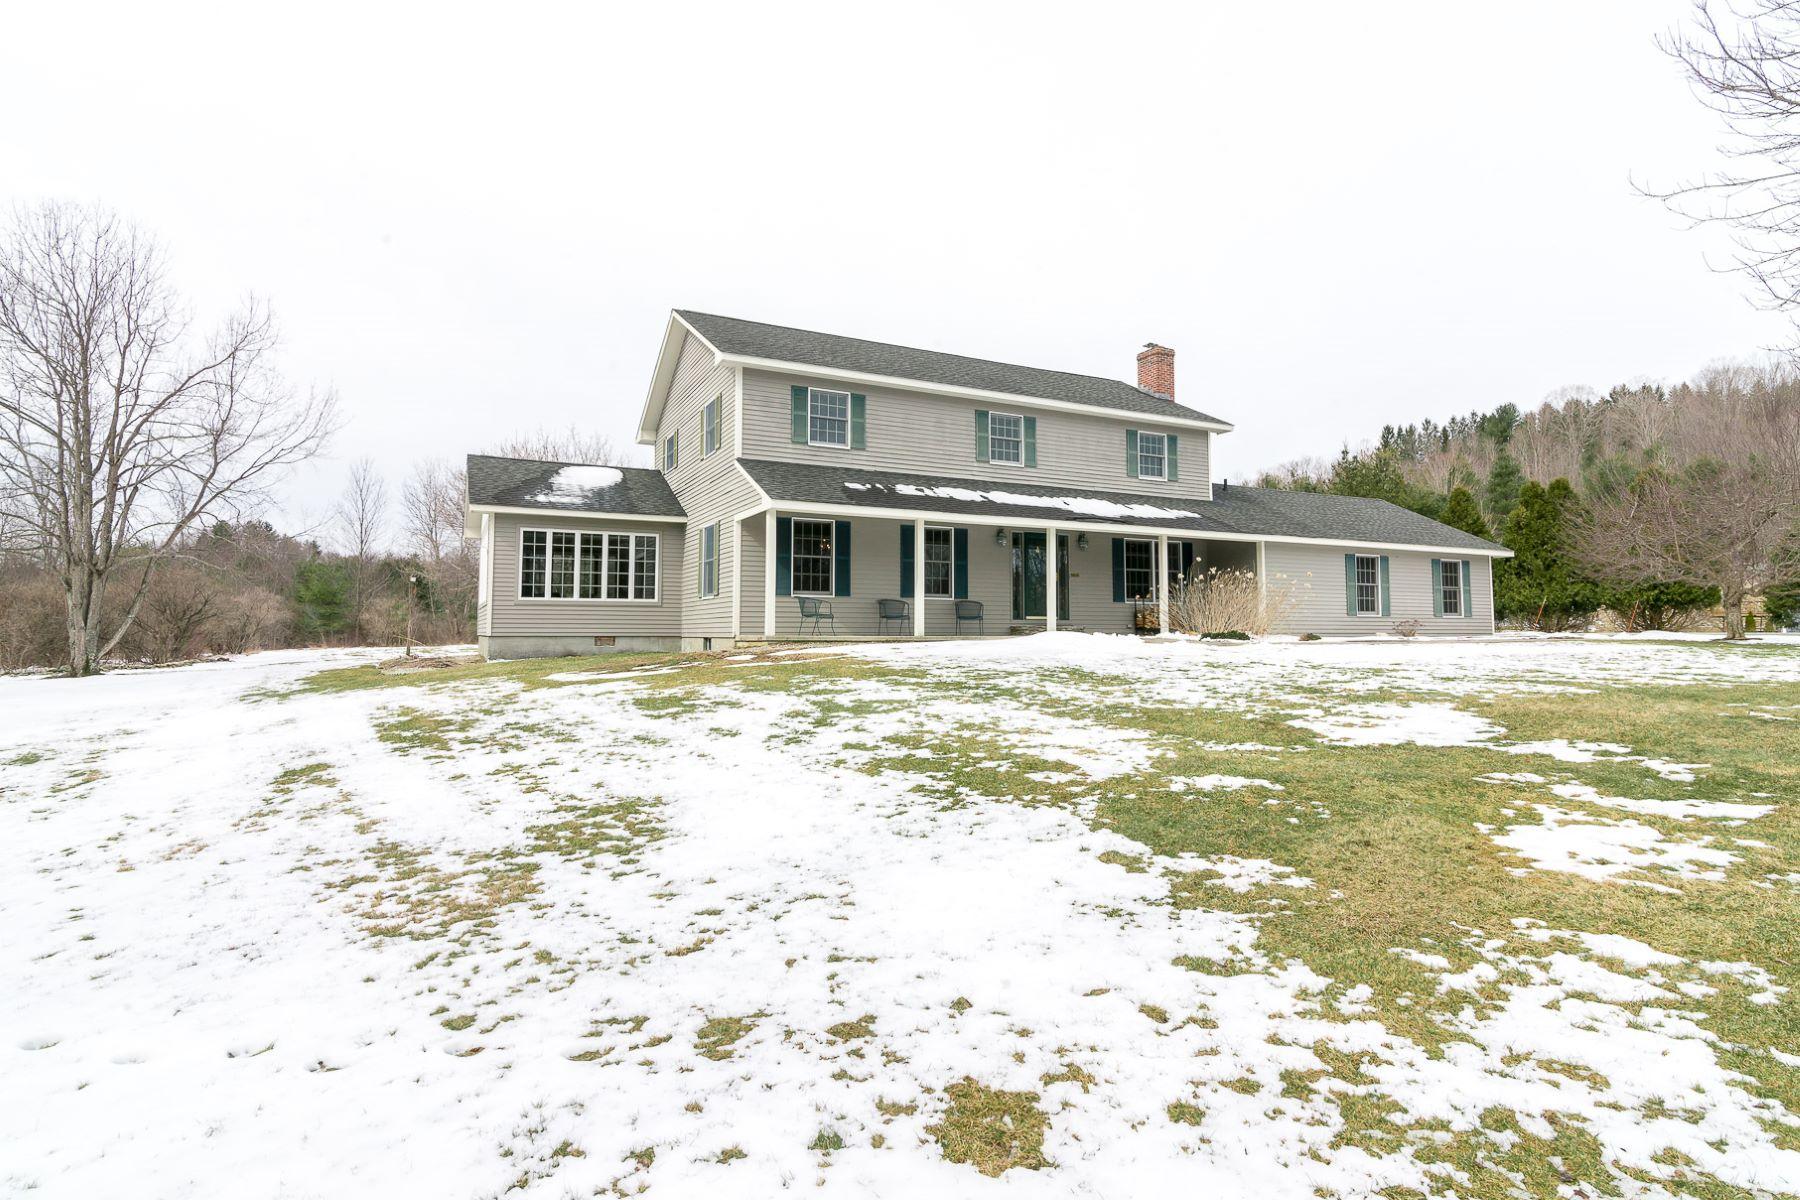 Maison unifamiliale pour l Vente à Wonderfully Updated Manchester Home 260 Meadow Ridge Rd Manchester, Vermont, 05255 États-Unis